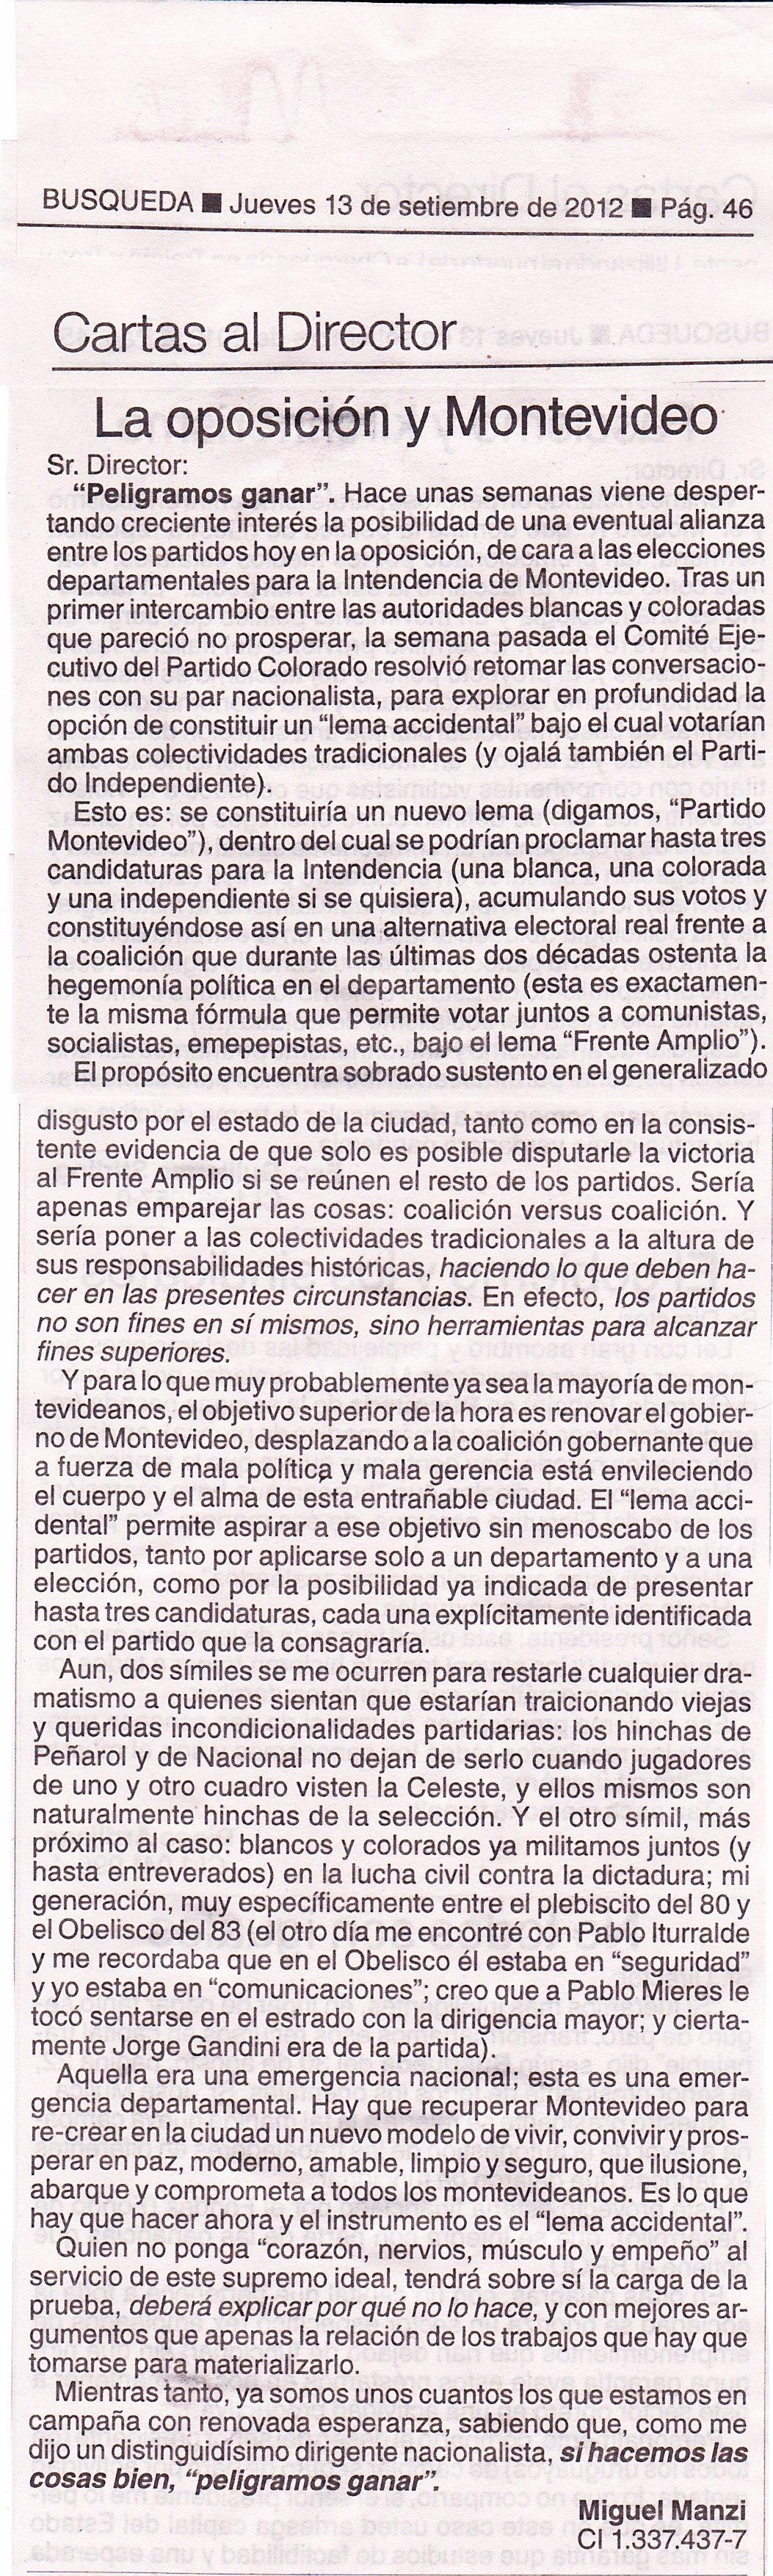 Carta Búsqueda – Alianza partidaria para Montevideo